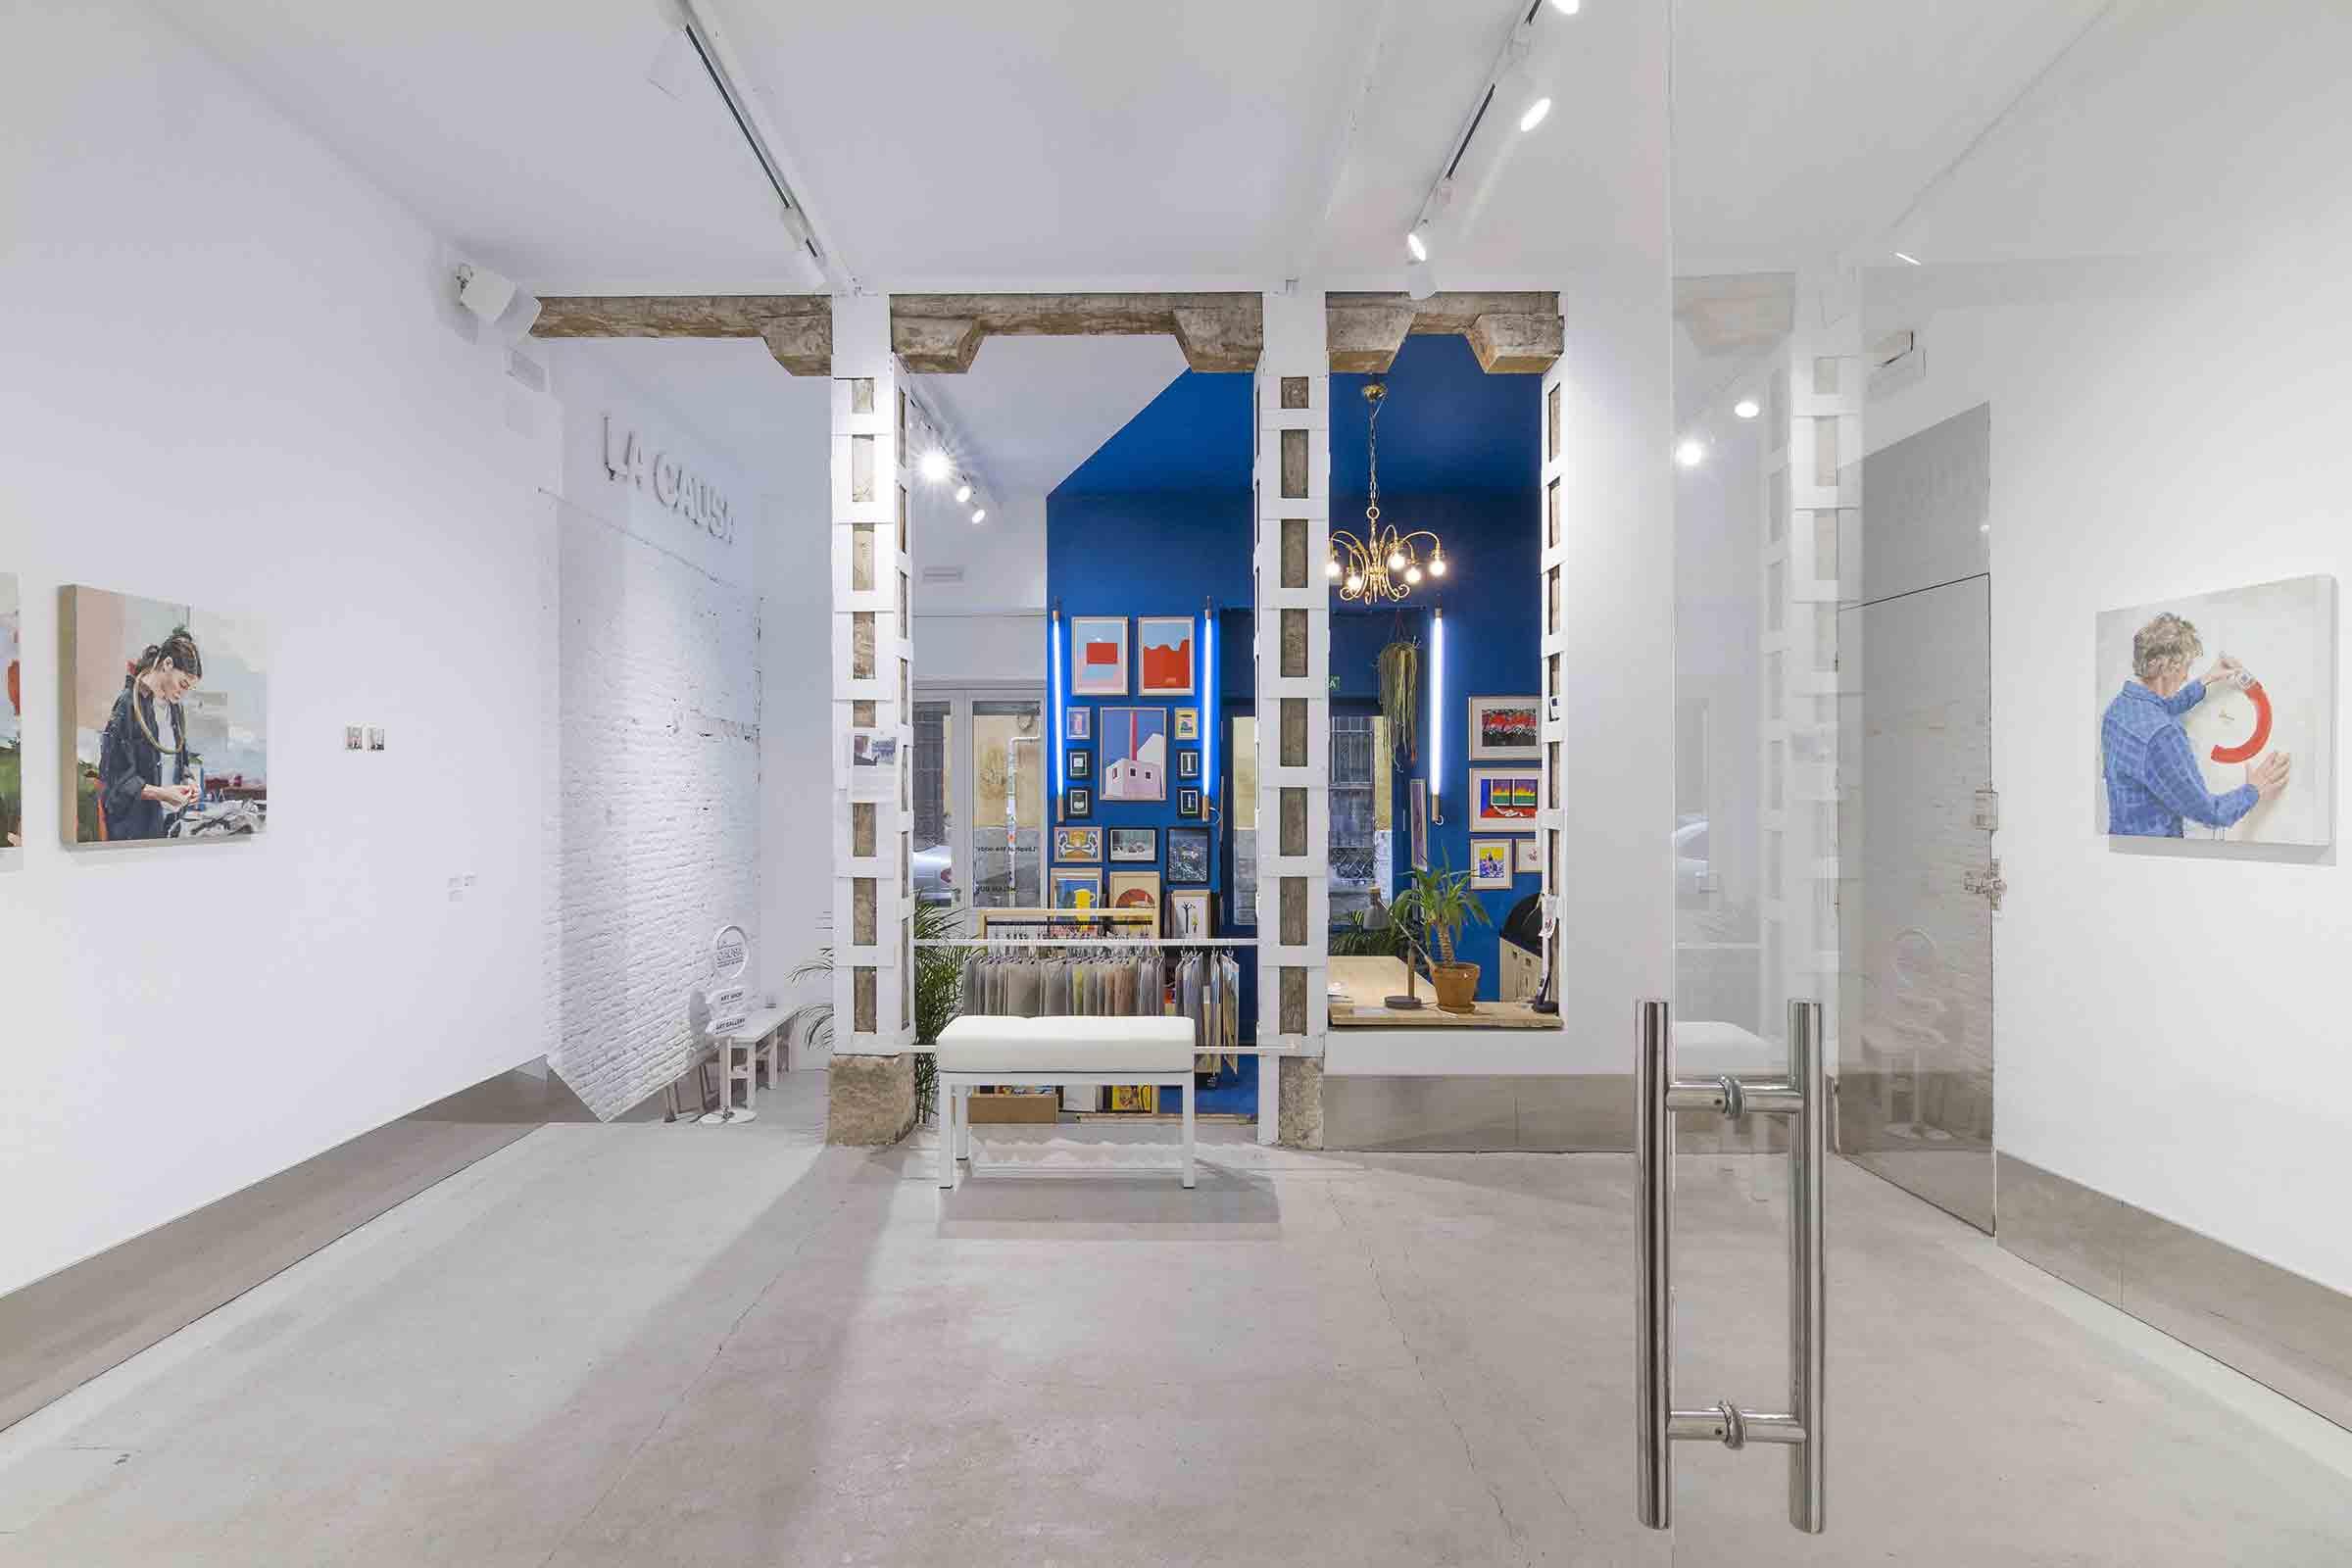 Fotografia Héctor Hernández. Muestra el espacio expositivo, al fondo, art shop de La causa